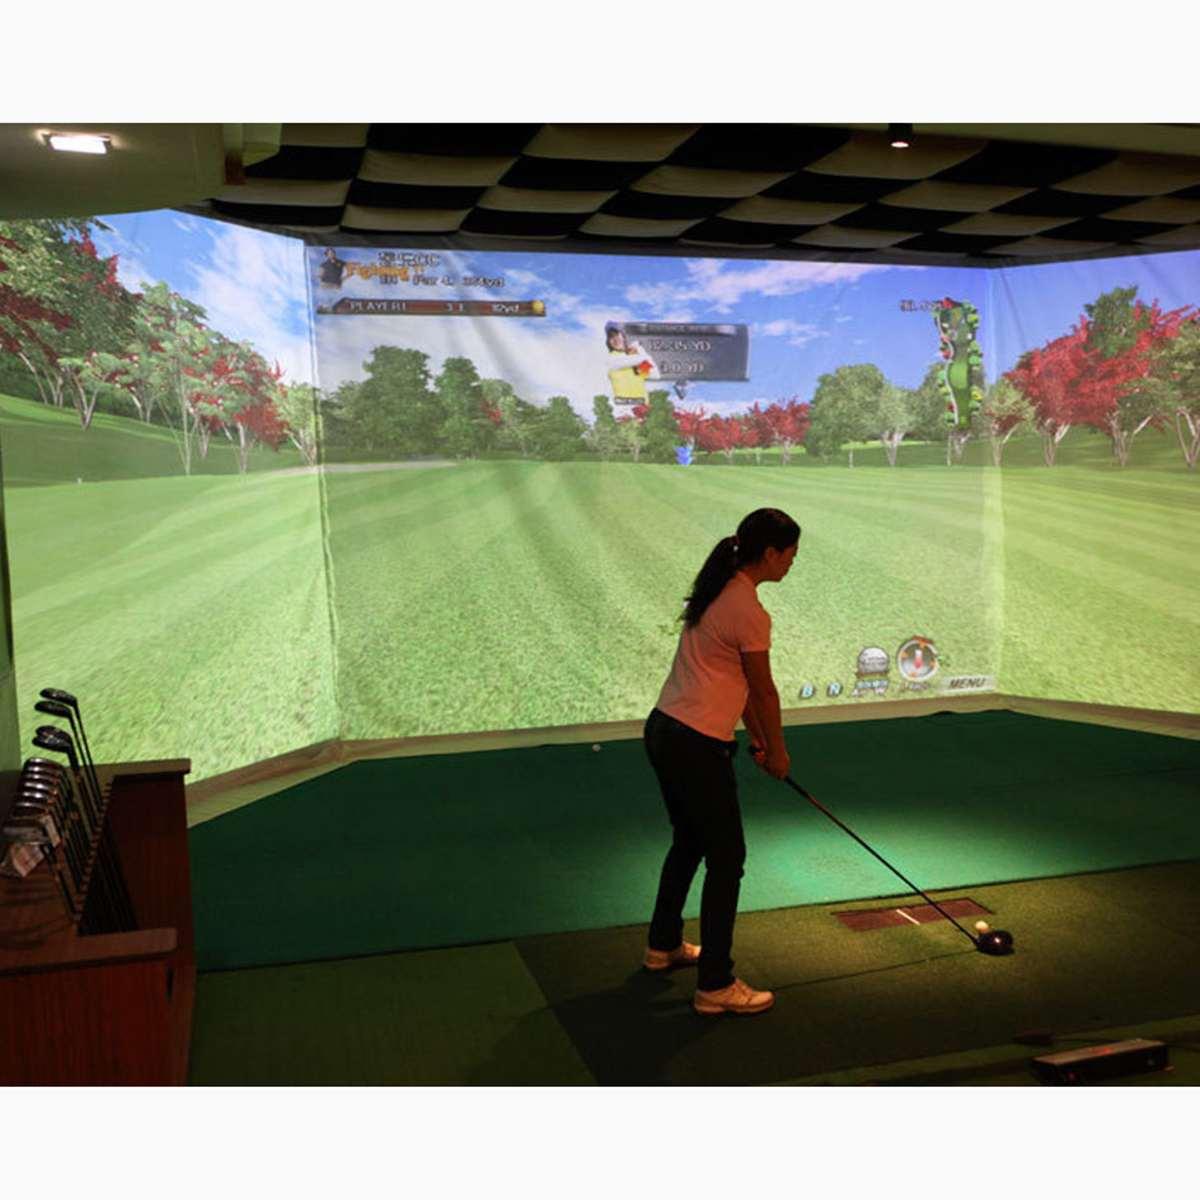 300x300 cm/300x100 cm simulateur de balle de Golf écran de Projection écran de Projection intérieur tissu blanc